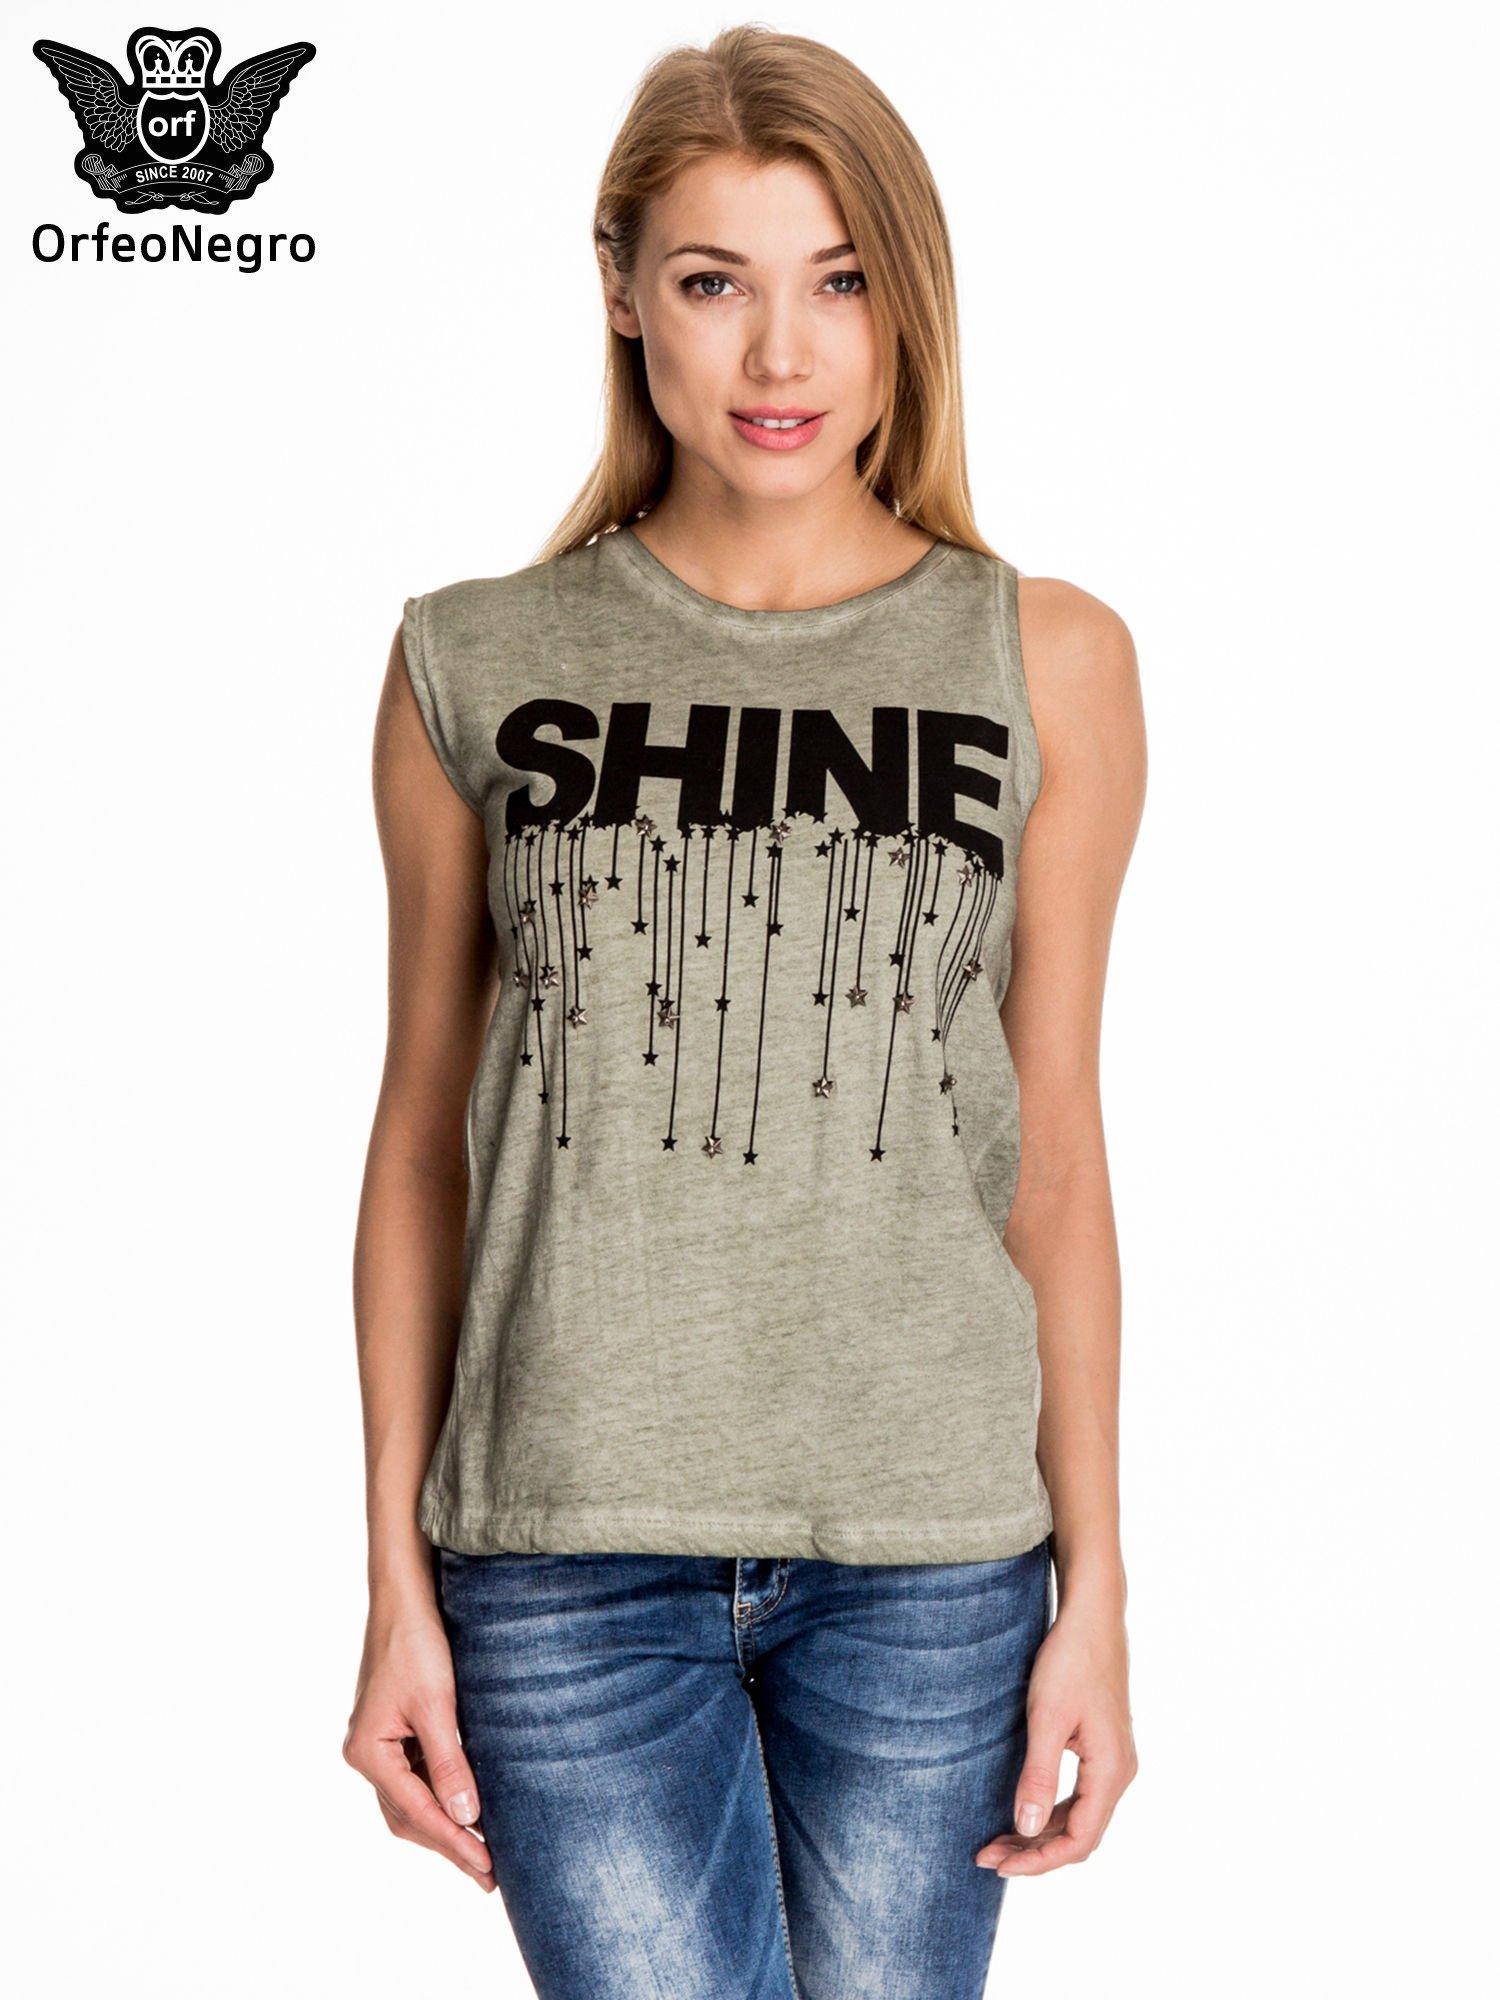 Khaki t-shirt z nadrukiem SHINE z gwiazdkami                                  zdj.                                  1